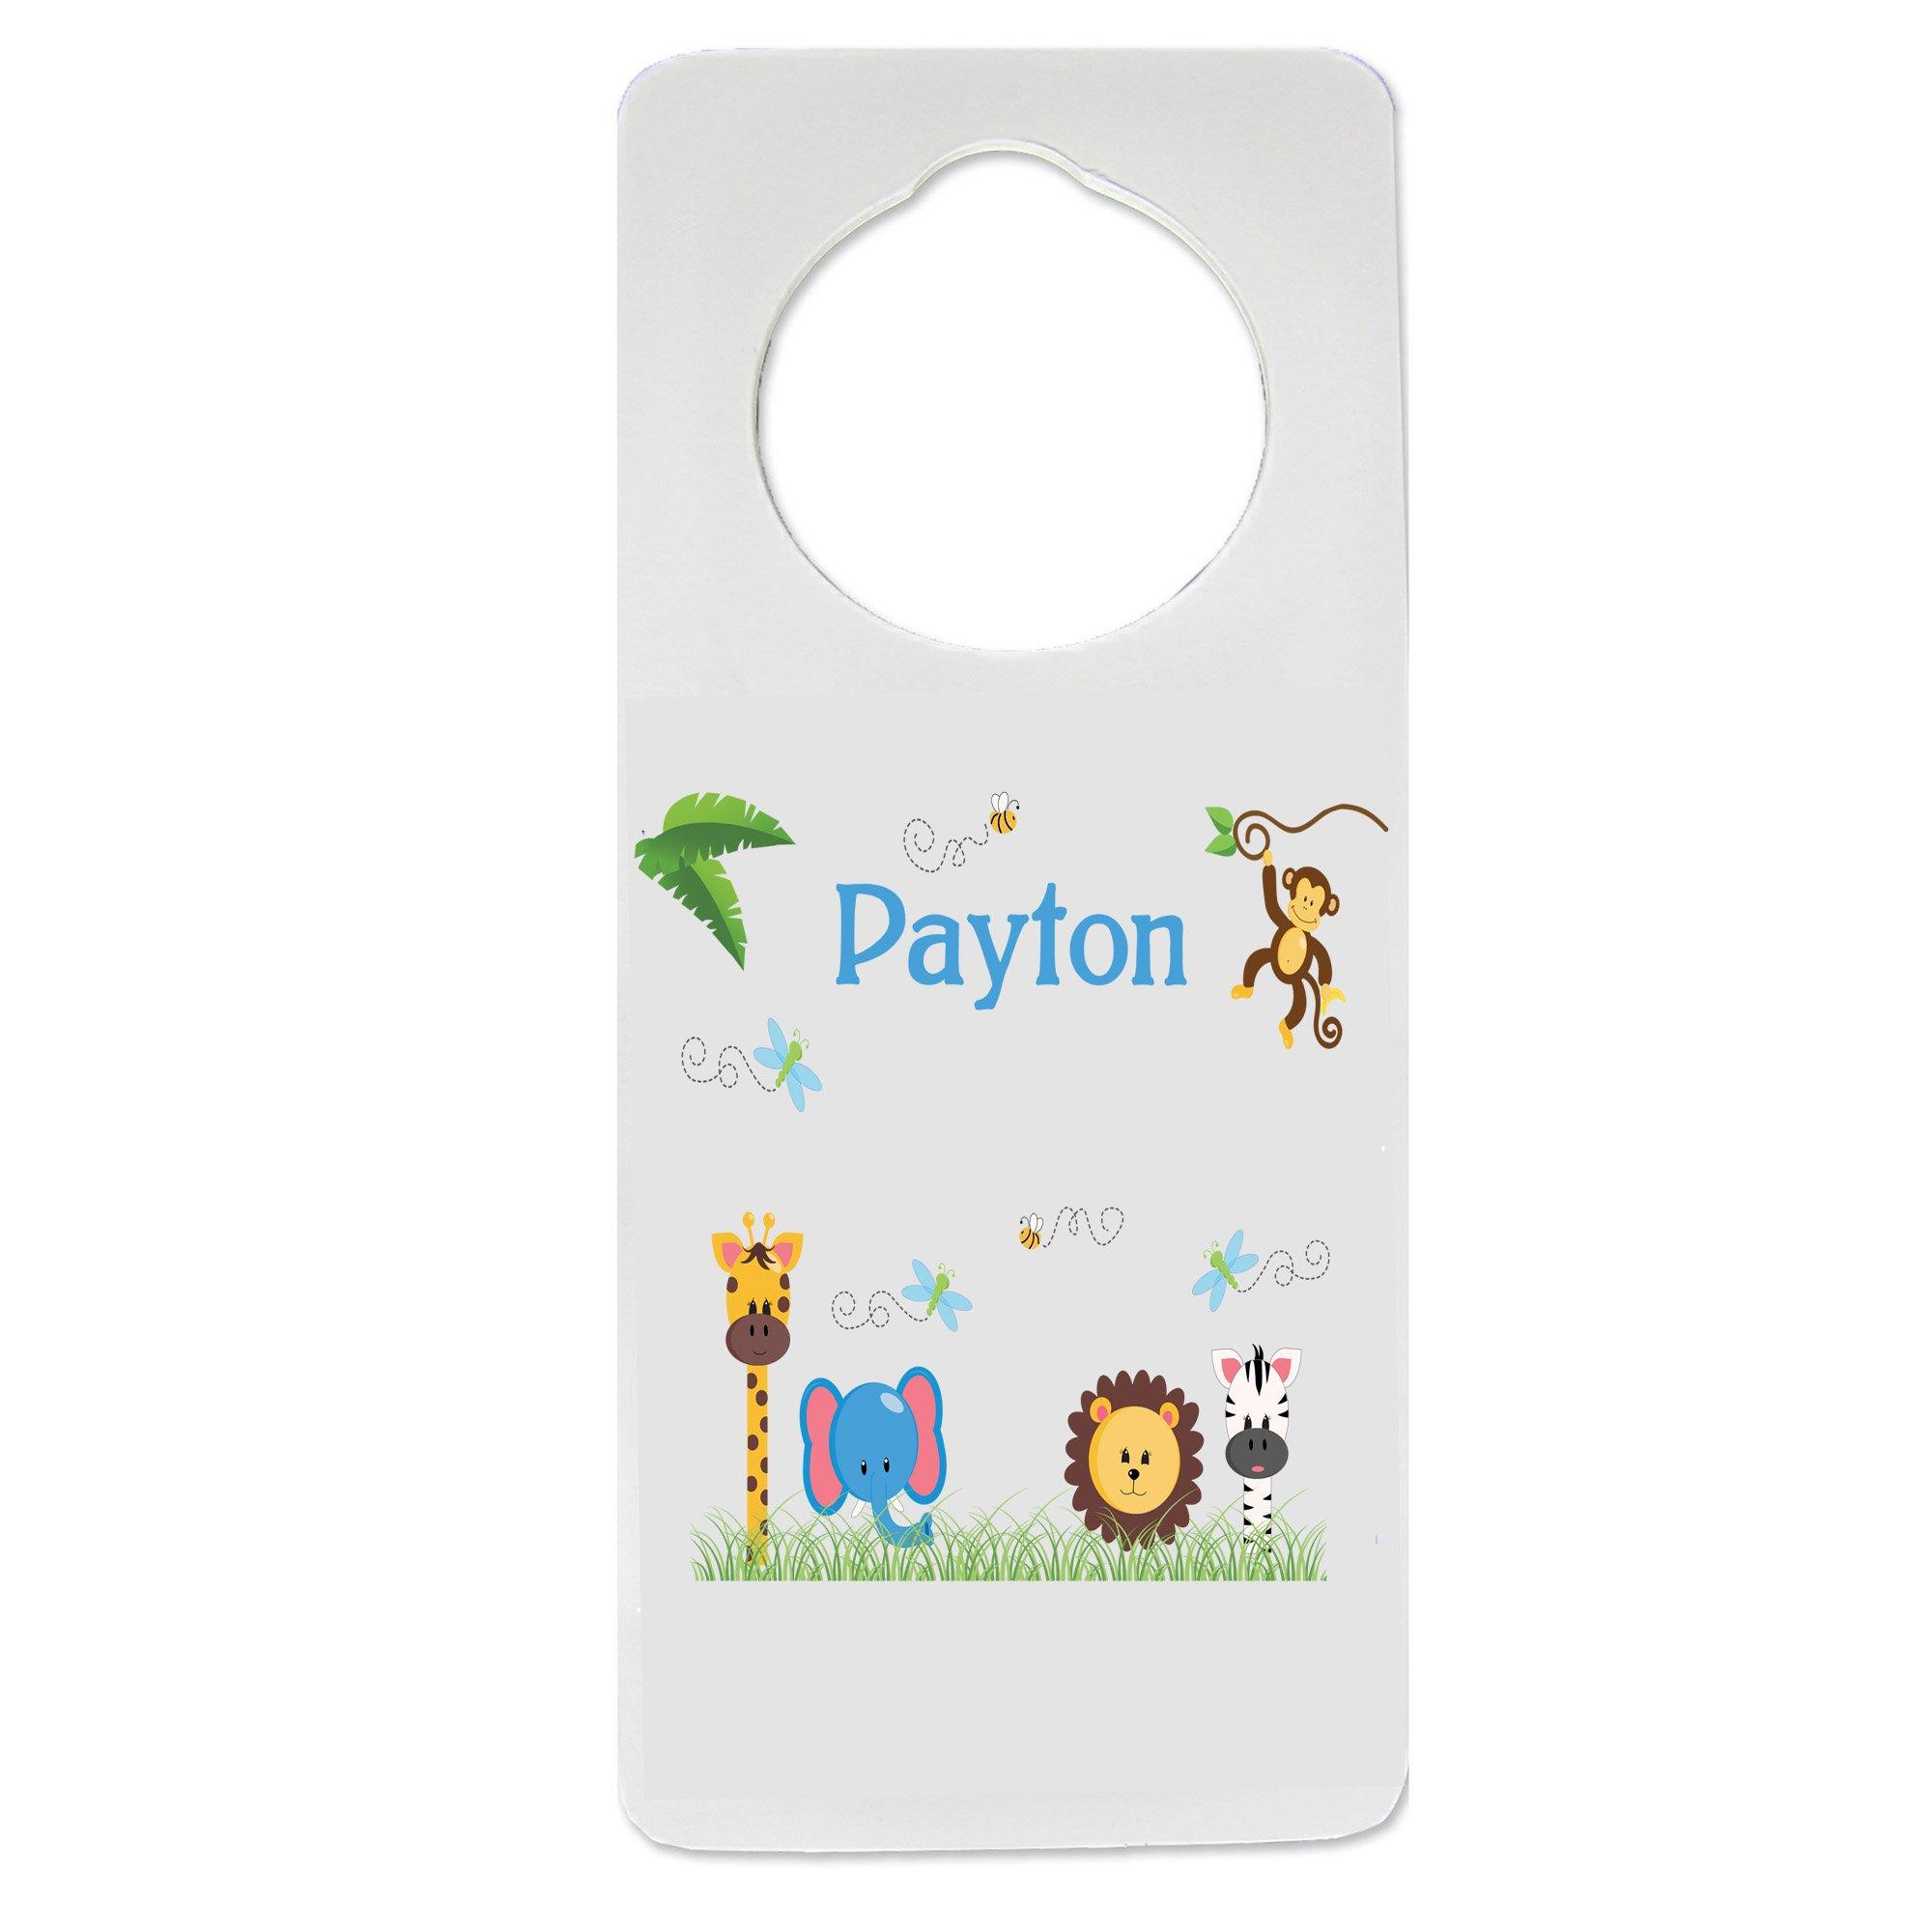 Personalized Nursery Door Hanger with Jungle Animals Boy design